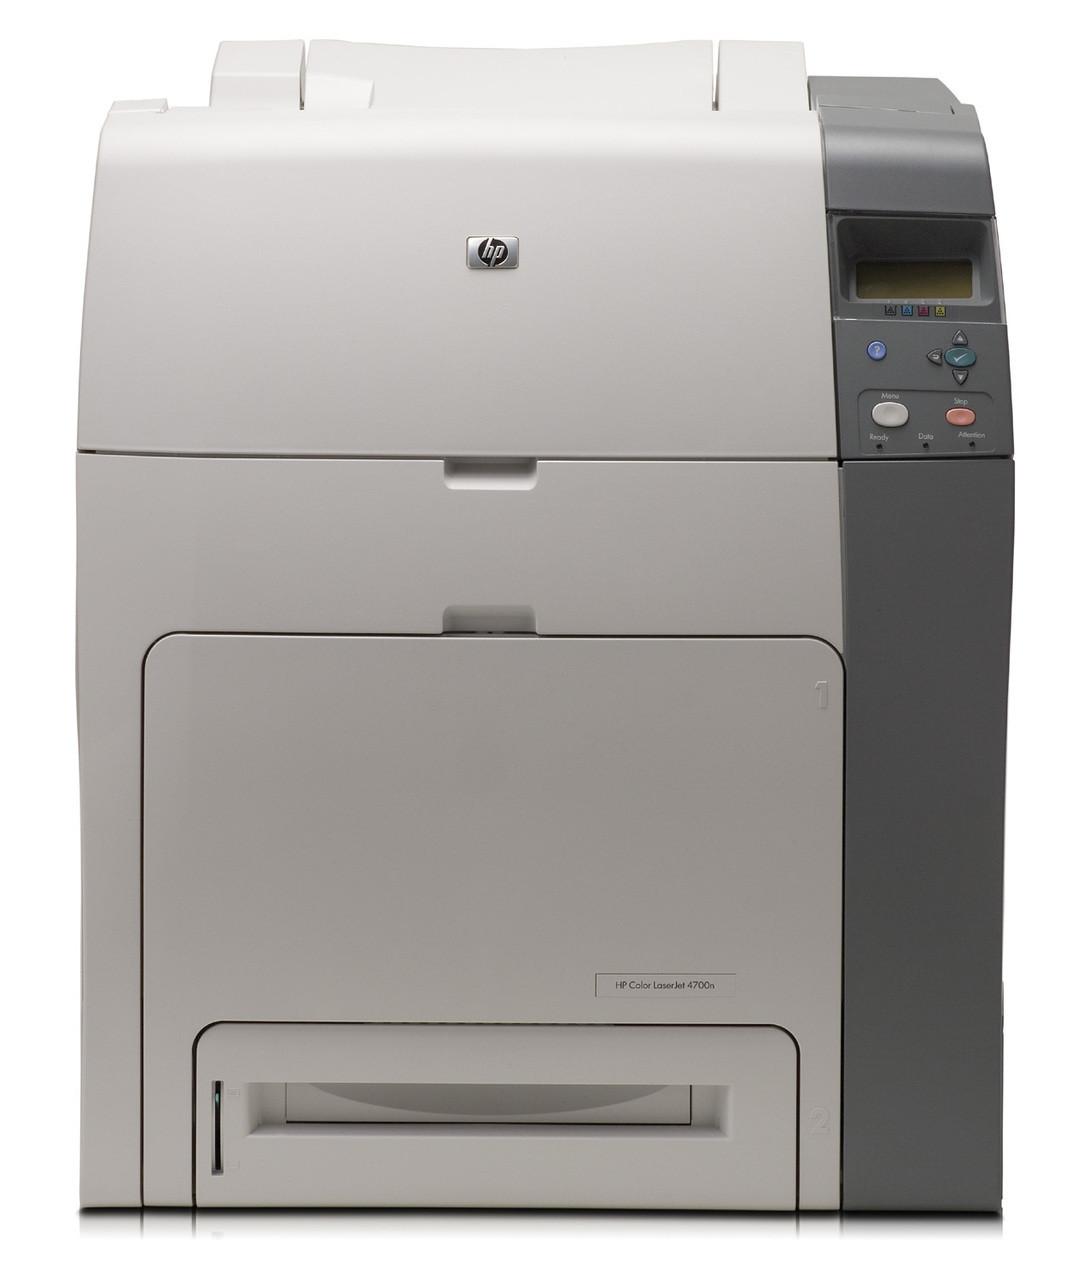 HP Color LaserJet 4700dn - Q7493A - HP Laser Printer for sale